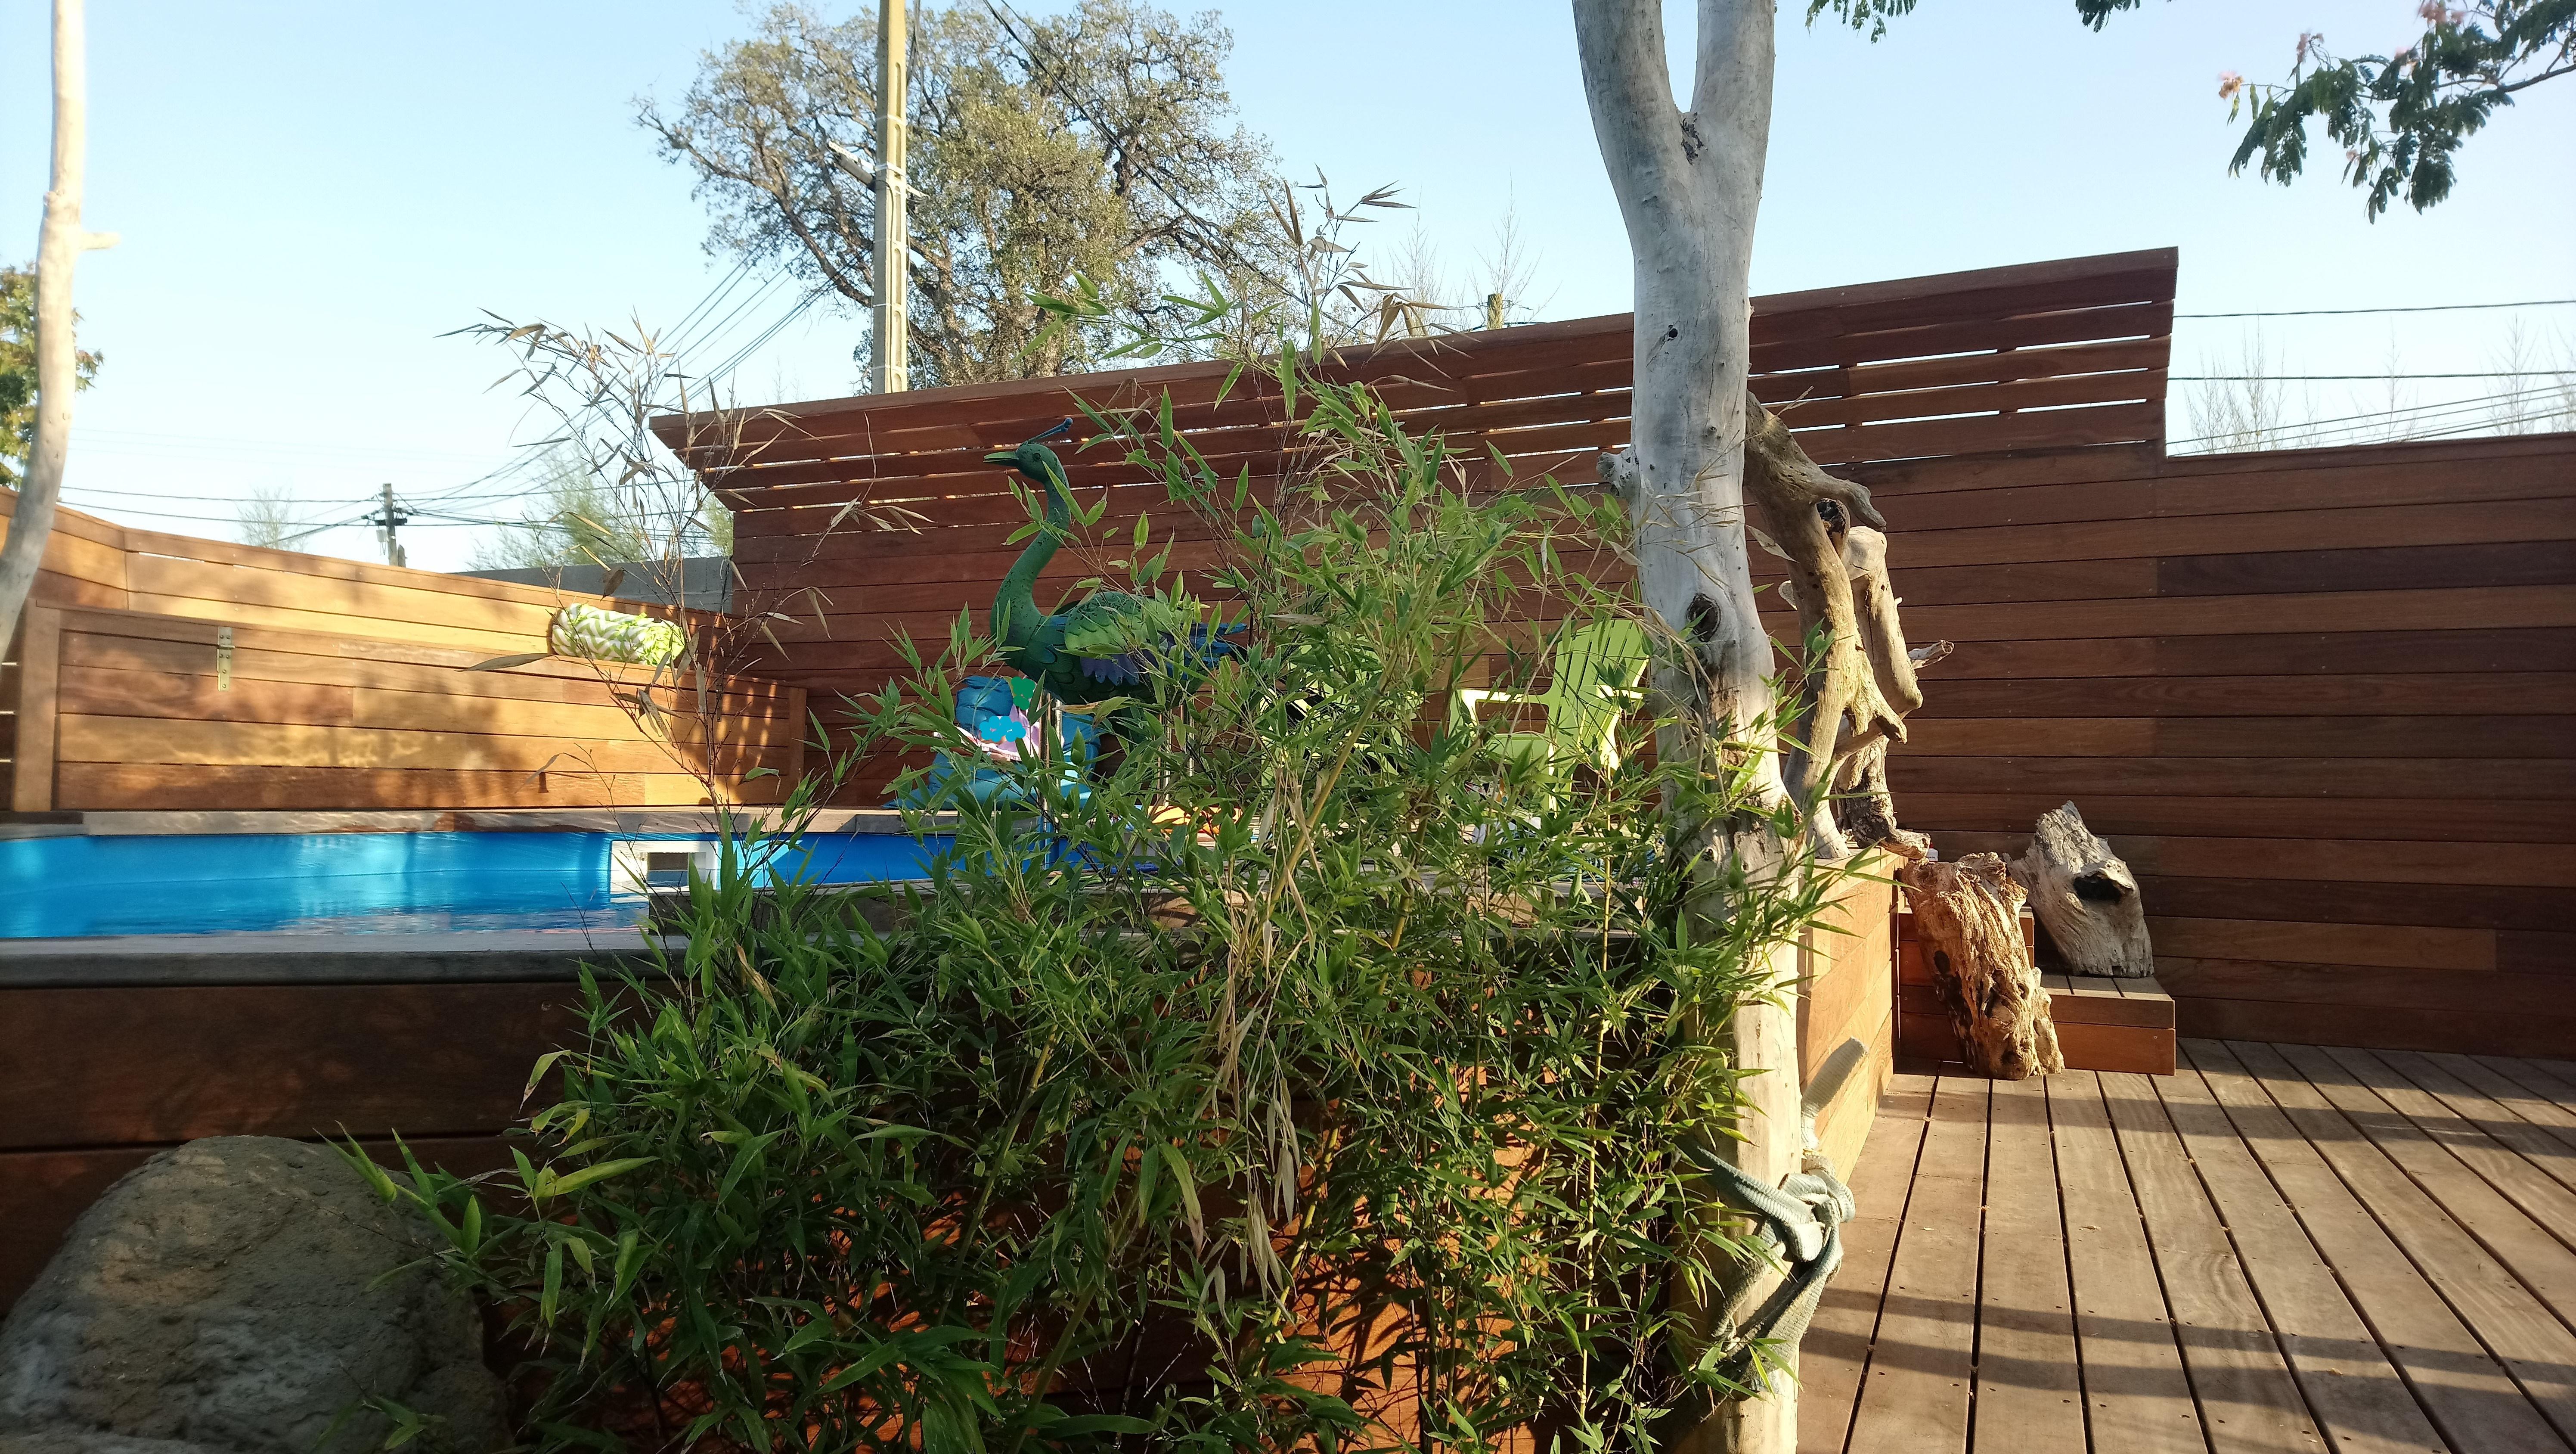 Habillage piscine cumaru (7)